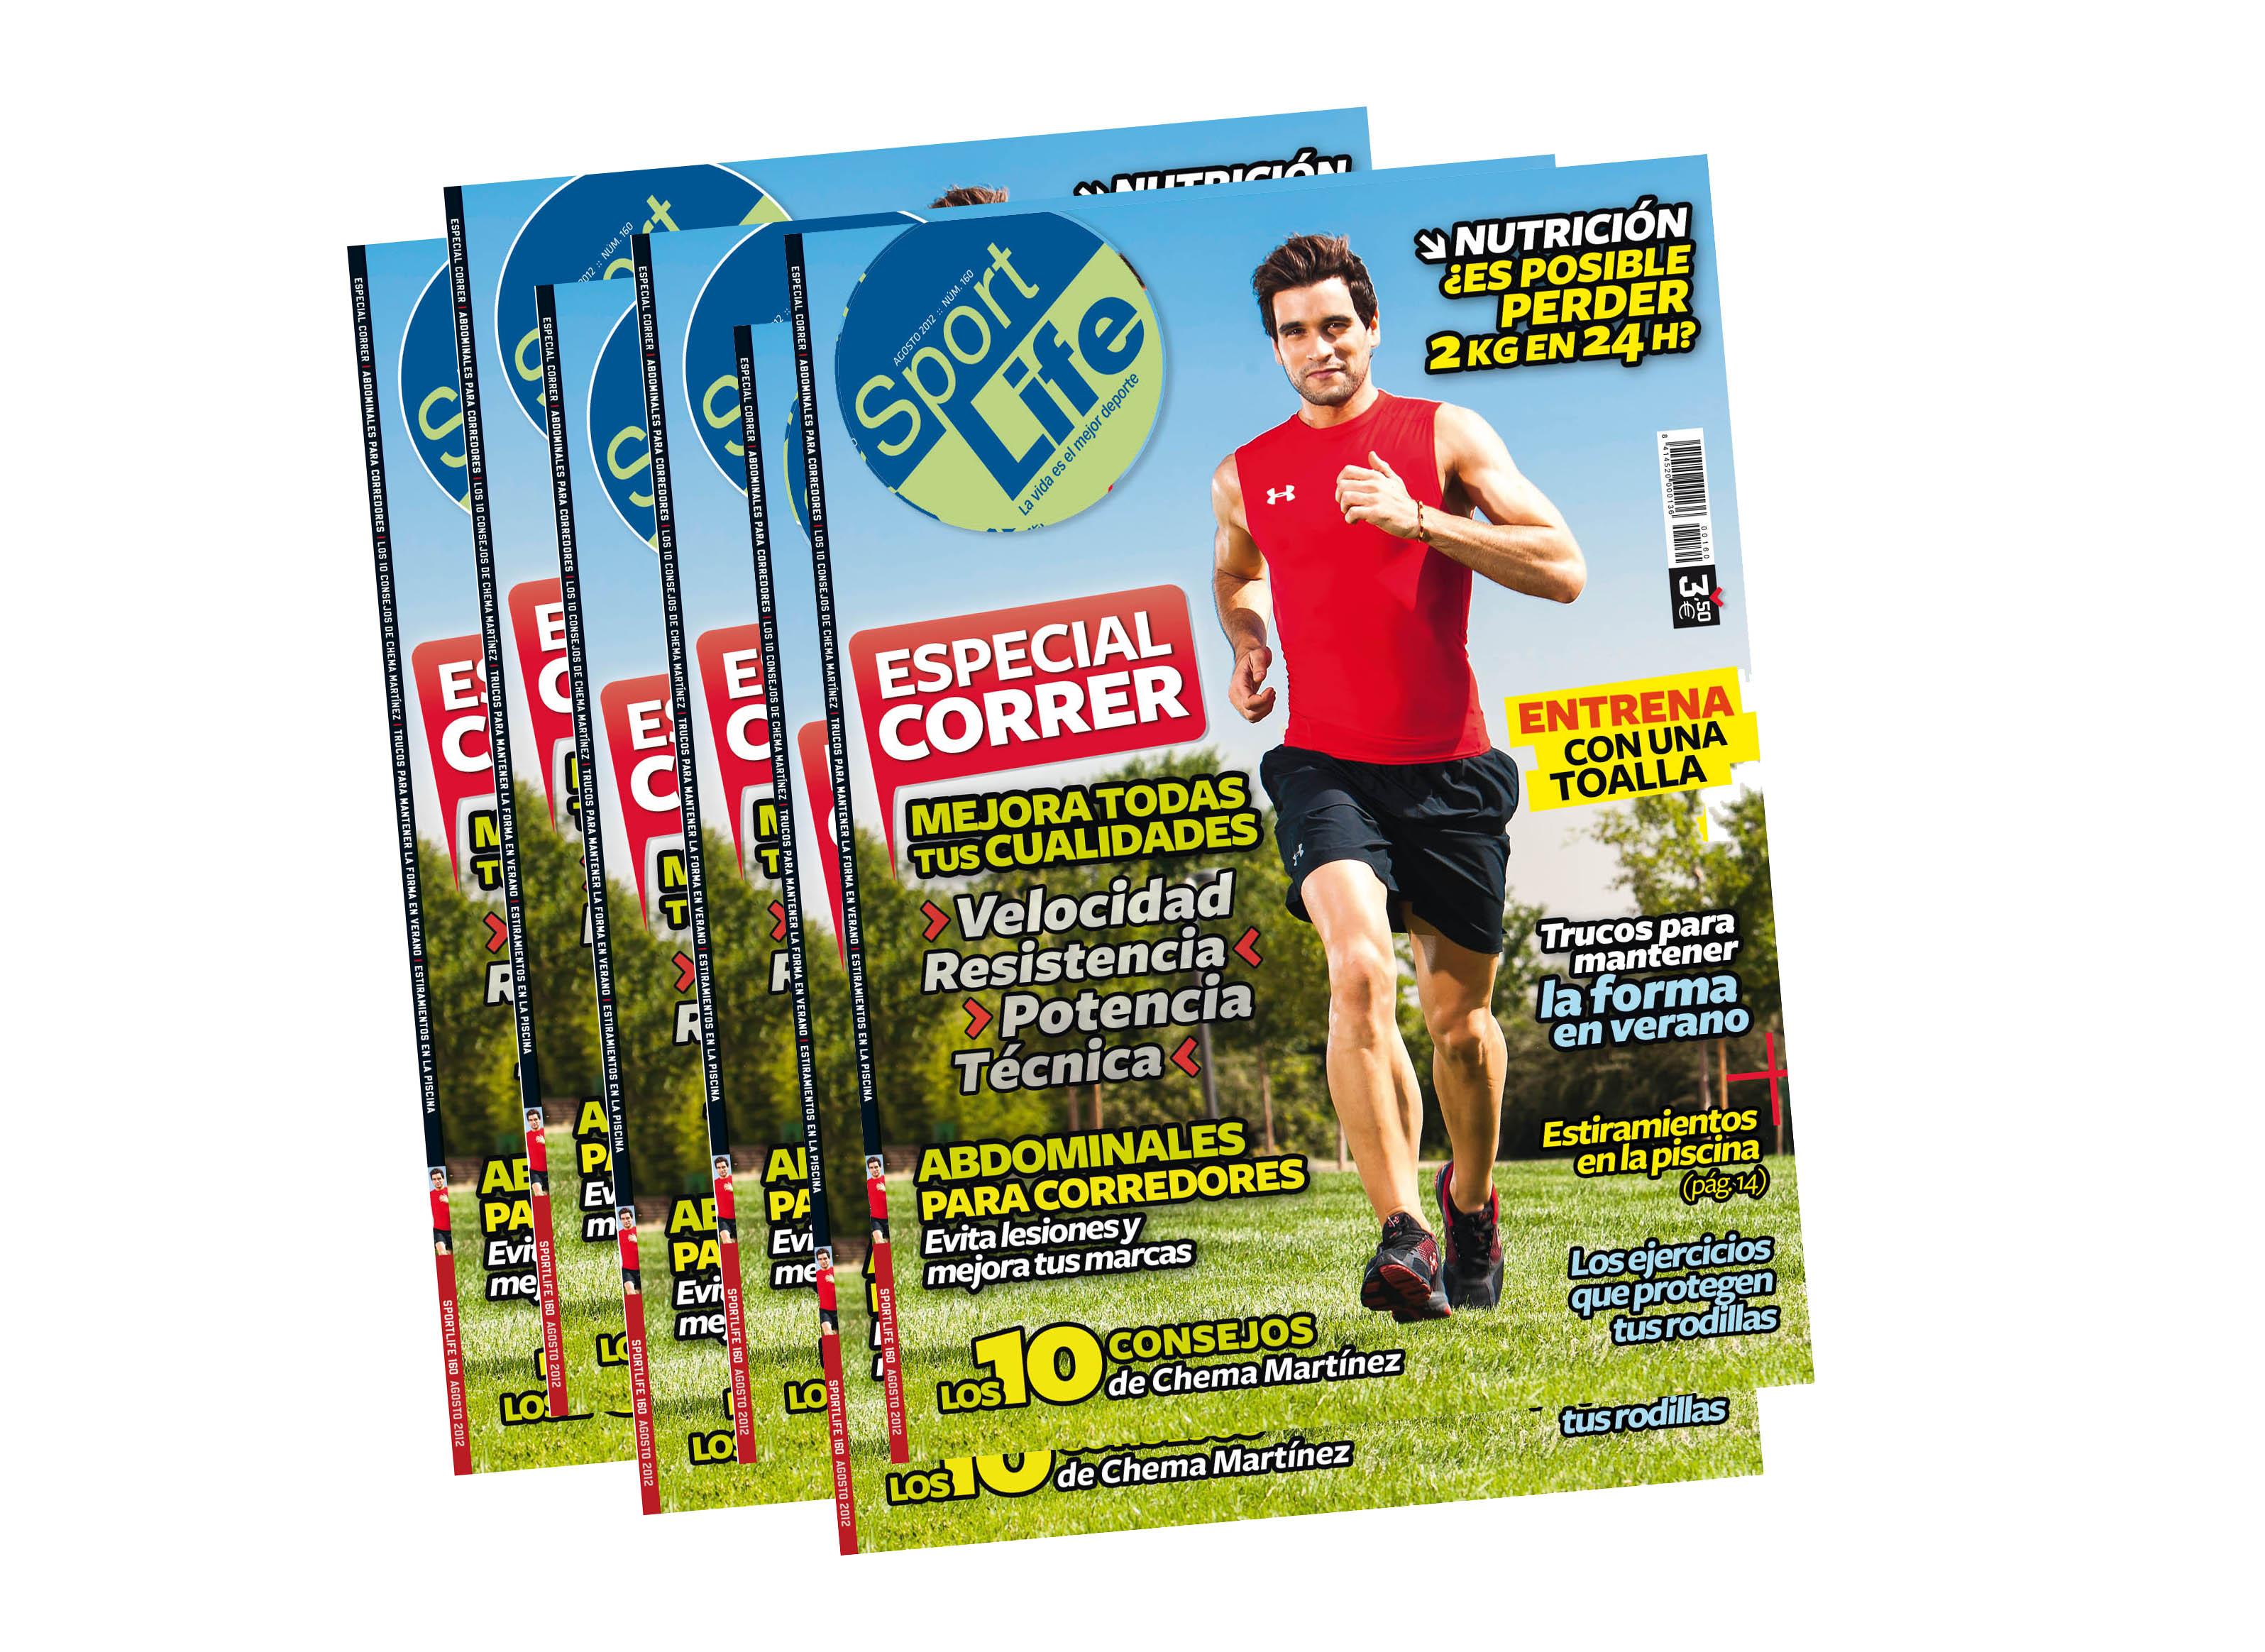 Sport Life de agosto ya a la venta, y con contenido extra de correr